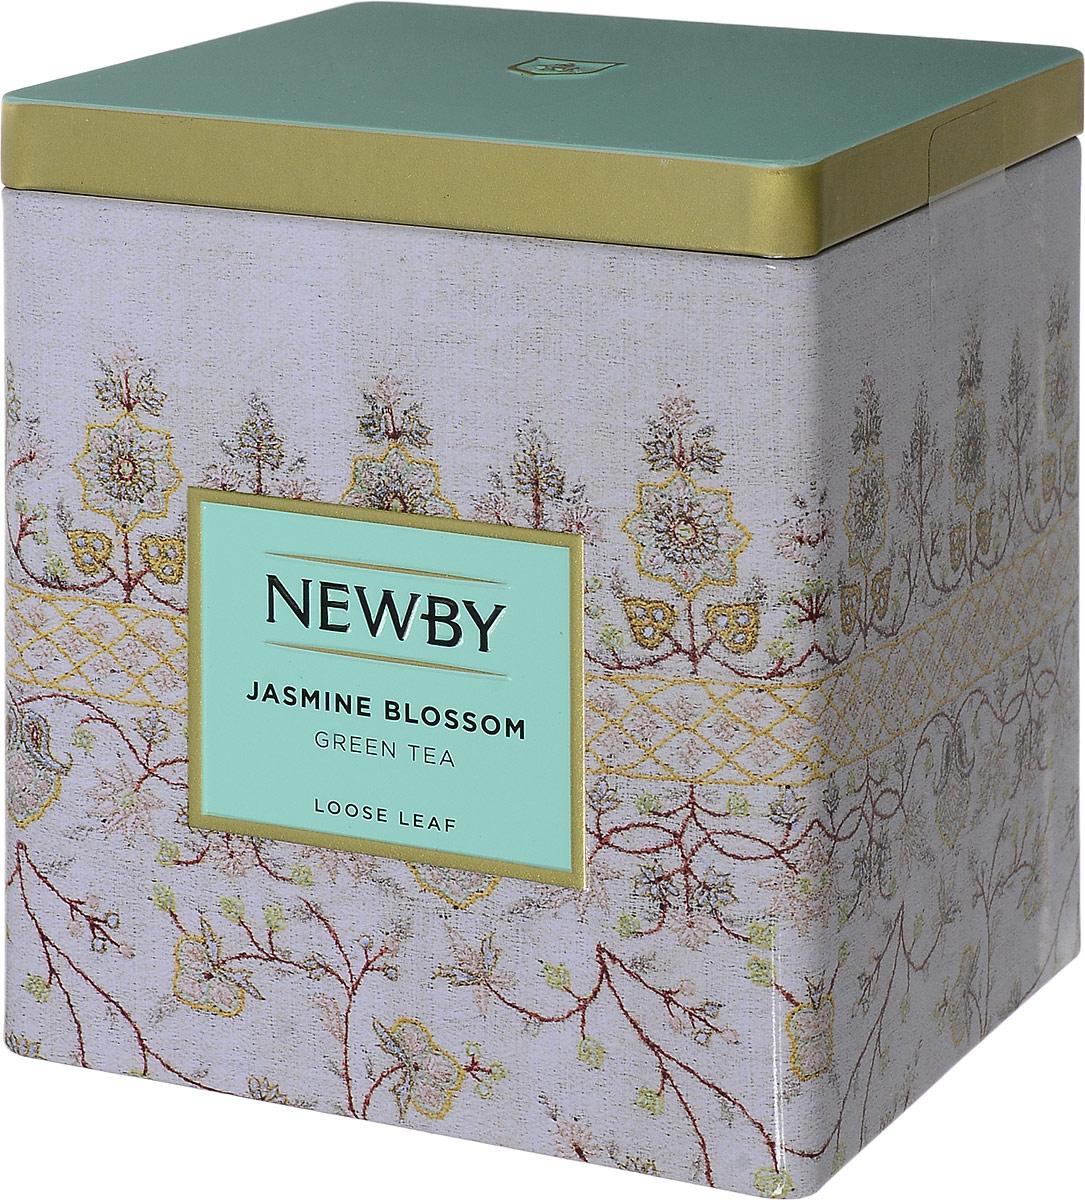 Newby Jasmine Blossom зеленый листовой чай, 125 г c lc006 100g 100% естественный самый свежий чай цветка жасмина органический зеленый чай здравствулте